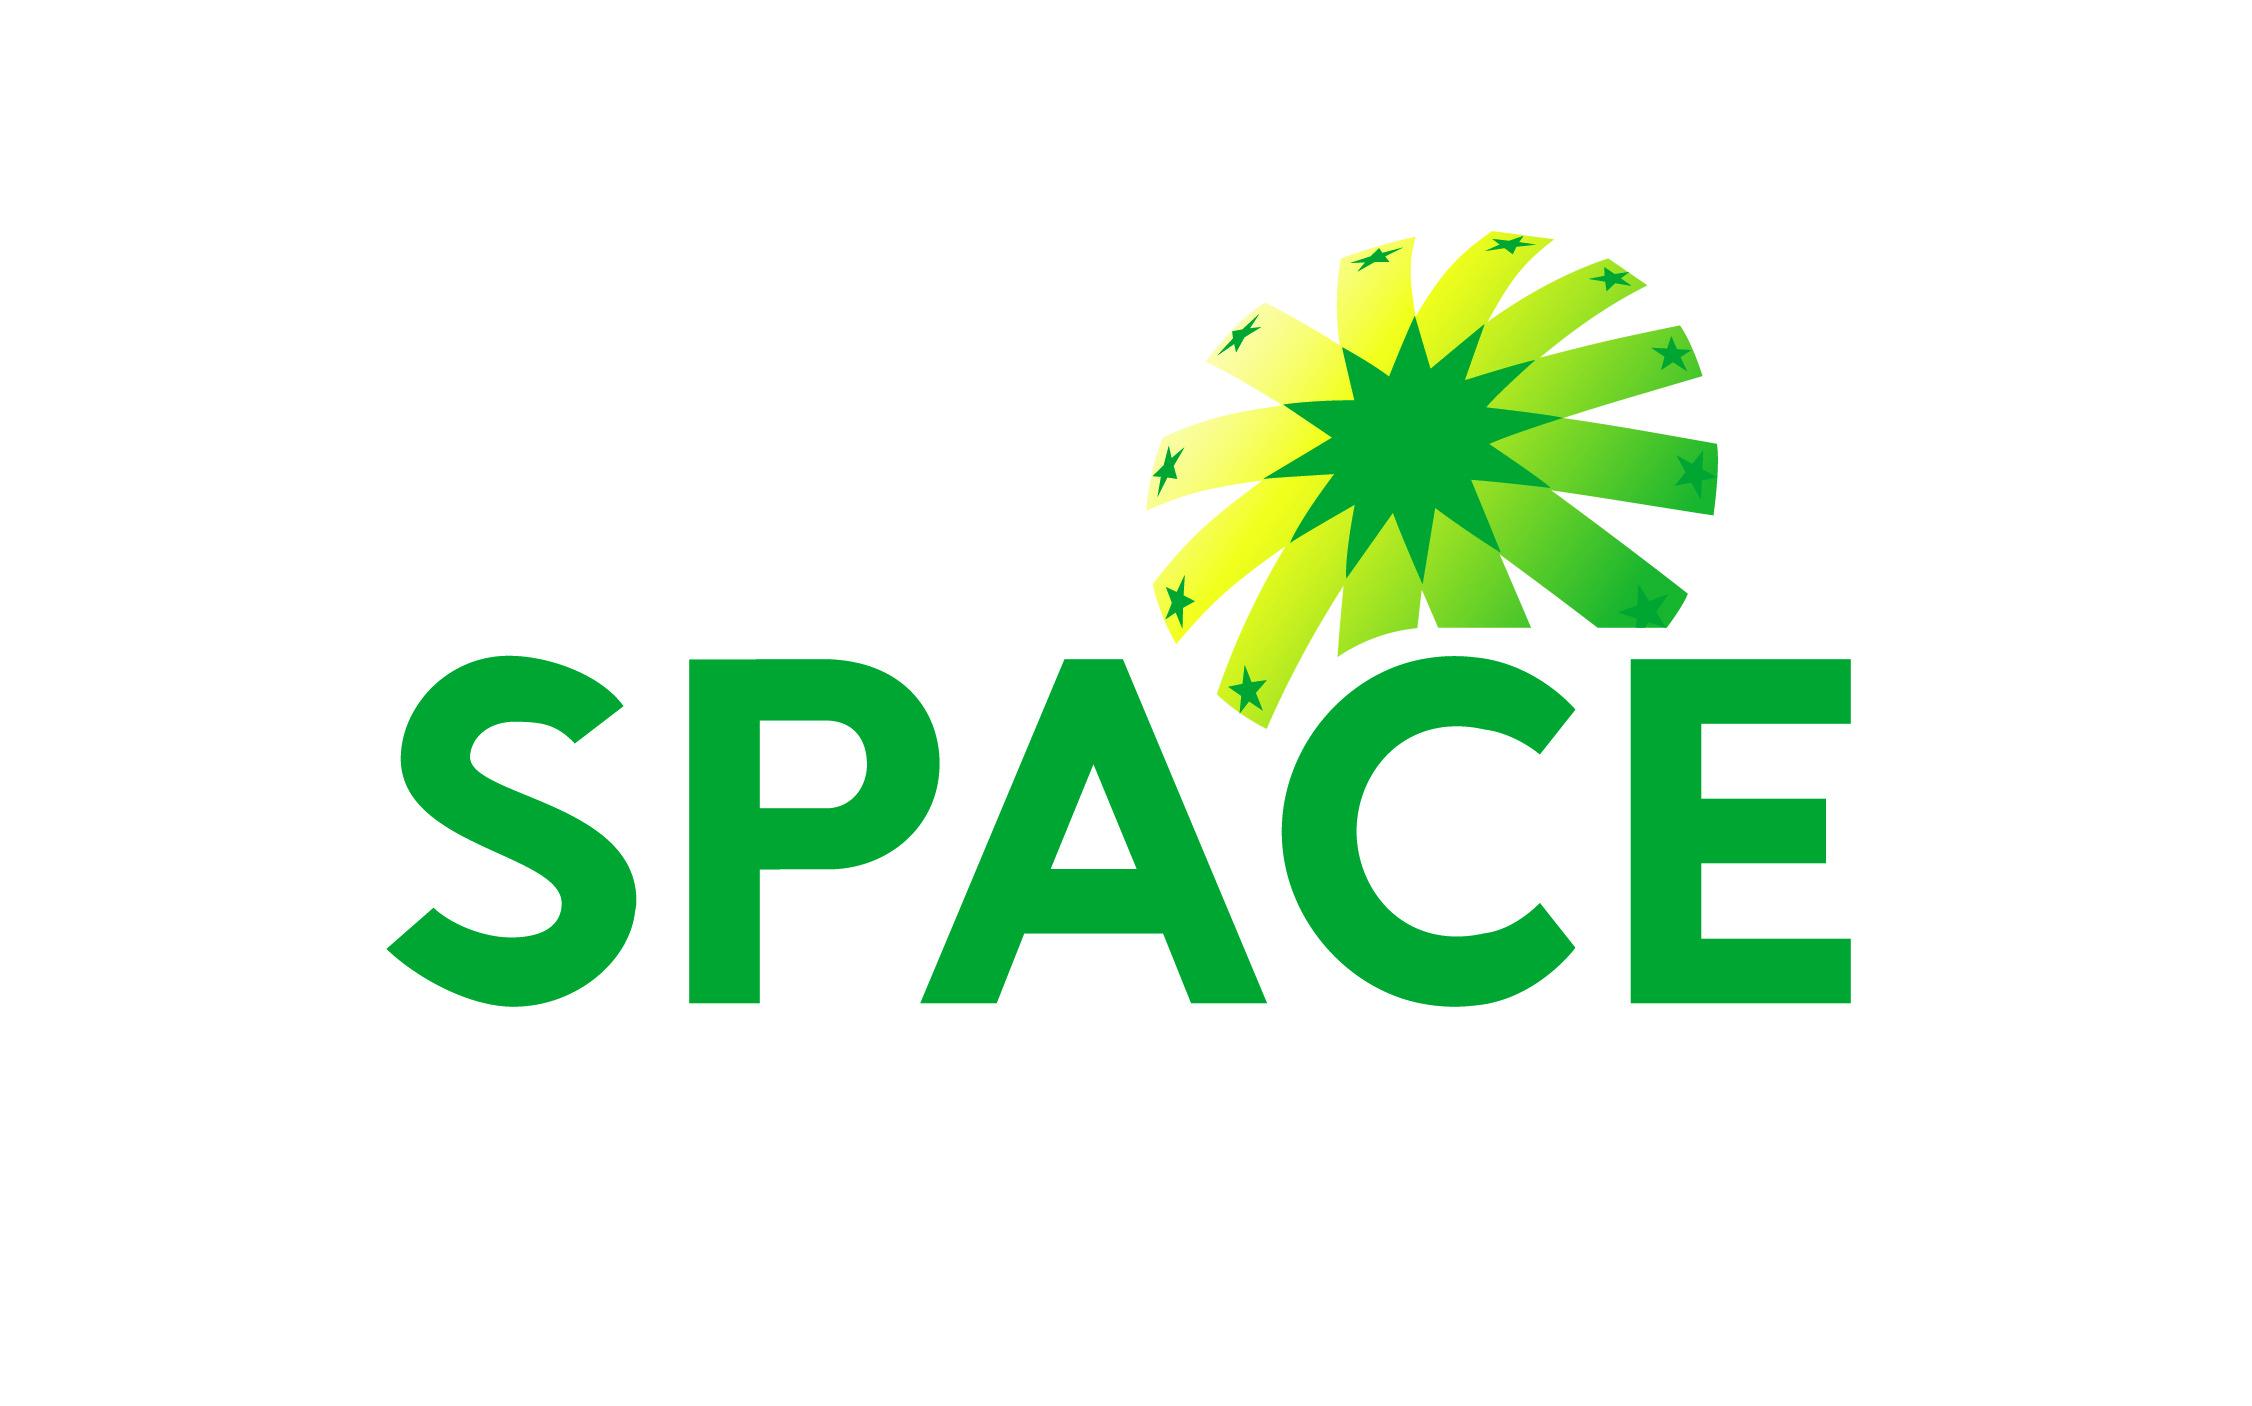 Space partenaire de l'ESUP - École Supérieure de Commerce, Management et Marketing - ESUP Paris école de commerce en alternance